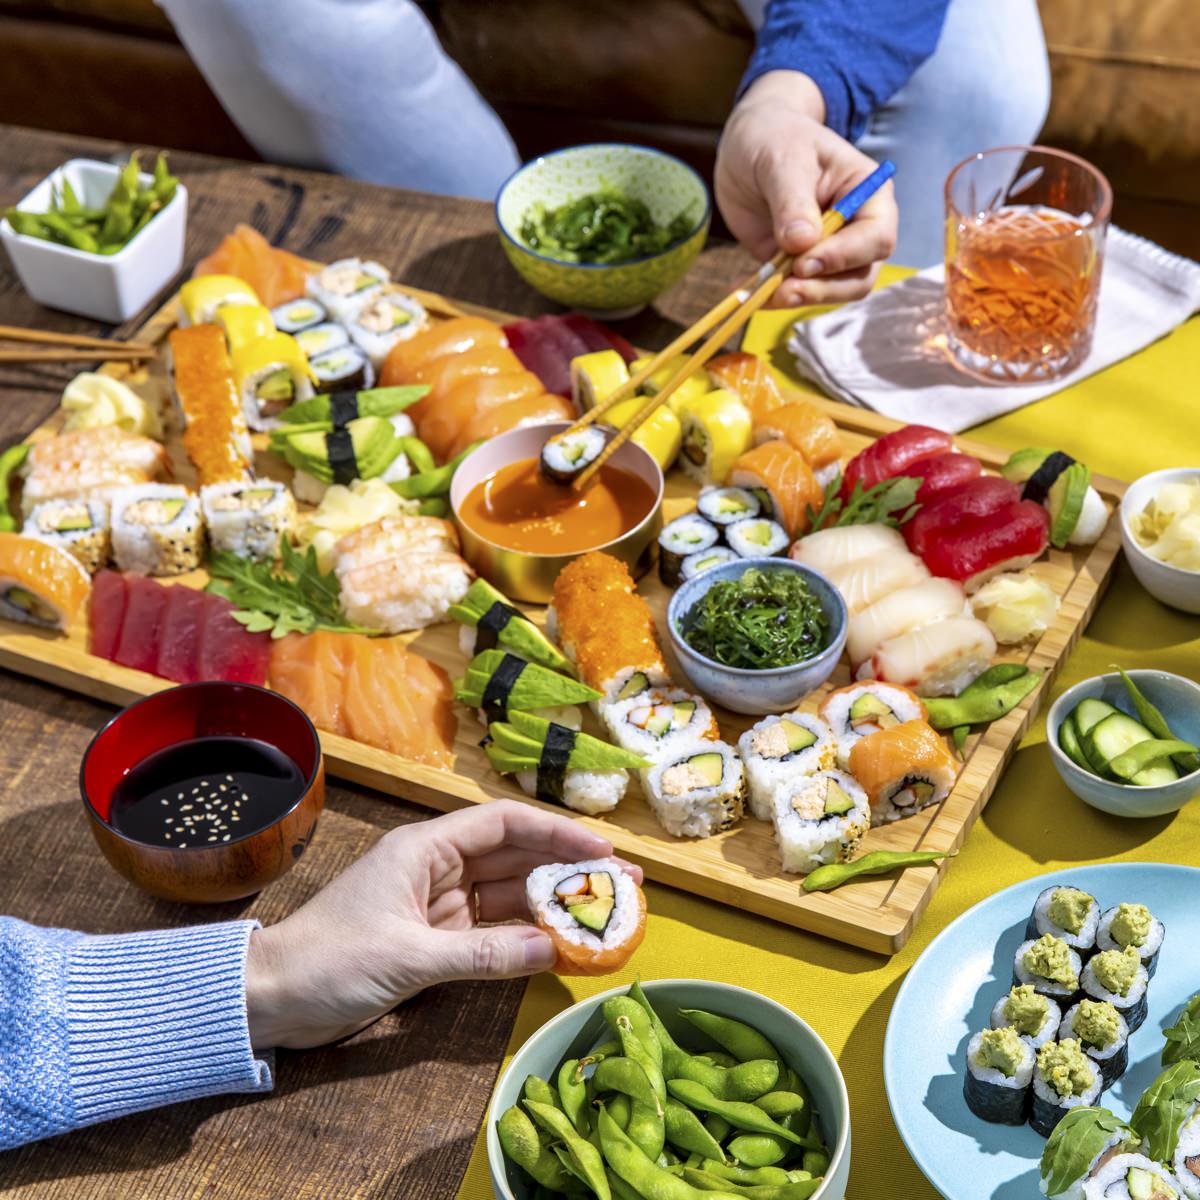 bunte und abwechslungsreiche Sushi Platte von EatHappy für Social Media Content Fotografie | Foto: Hanna Witte